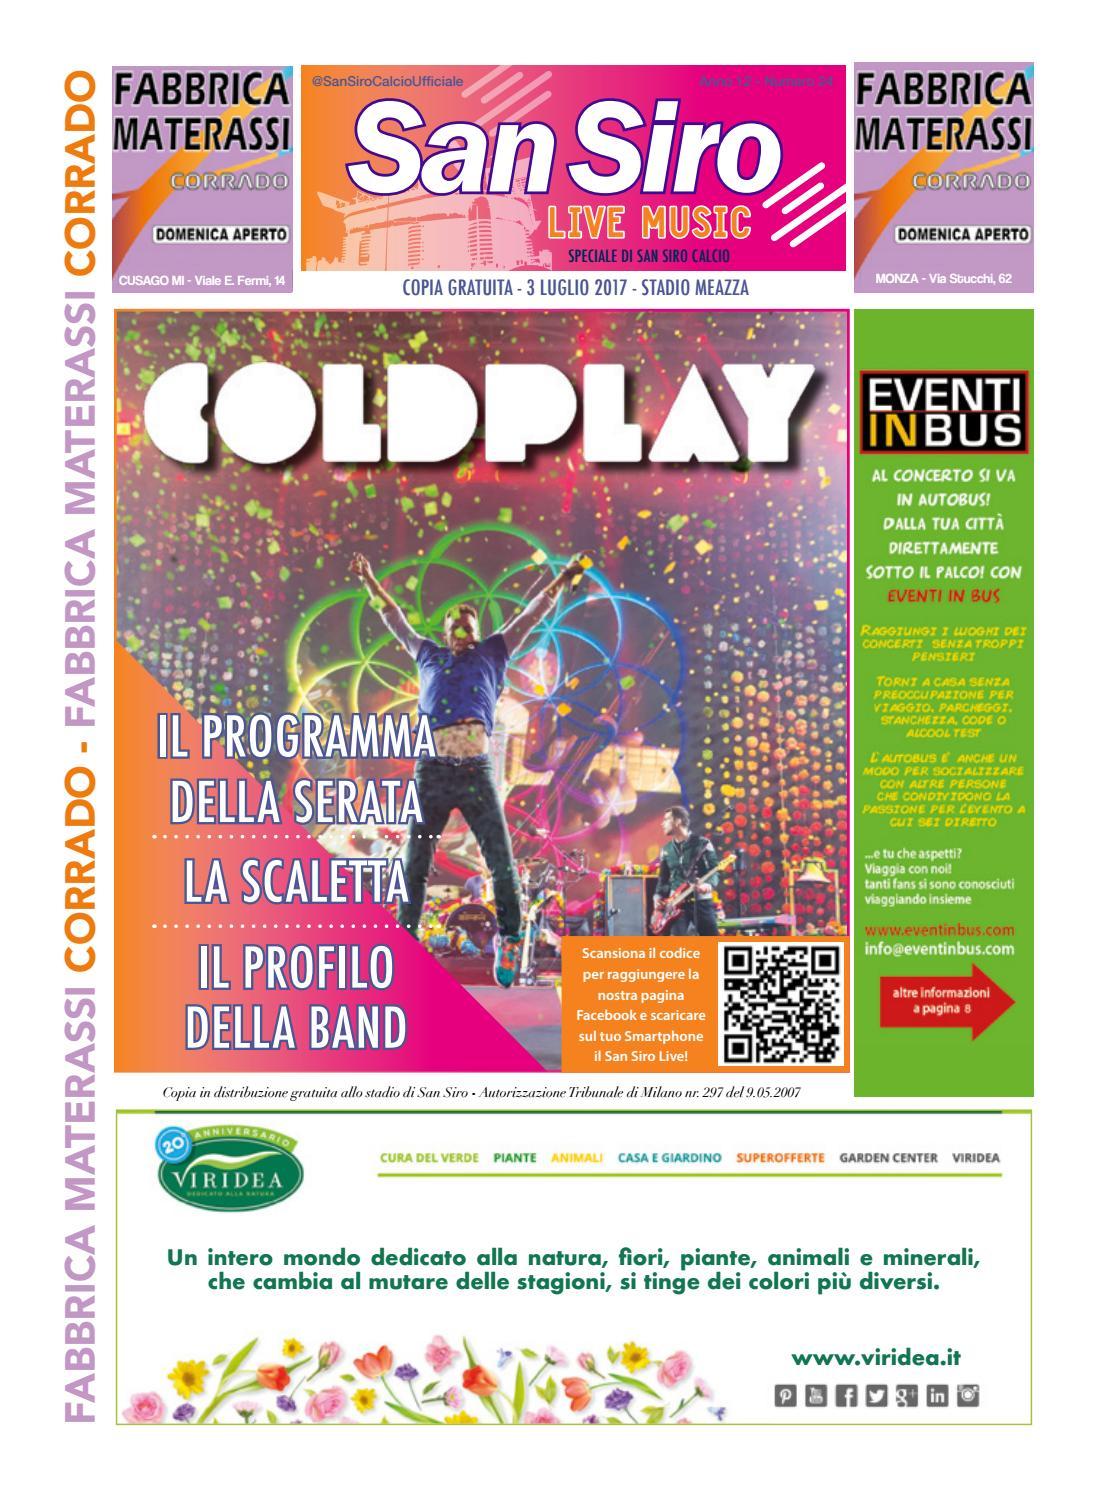 Corrado Materassi Cusago Prezzi.San Siro Live Music Coldplay By Fabrizio Saturno Issuu